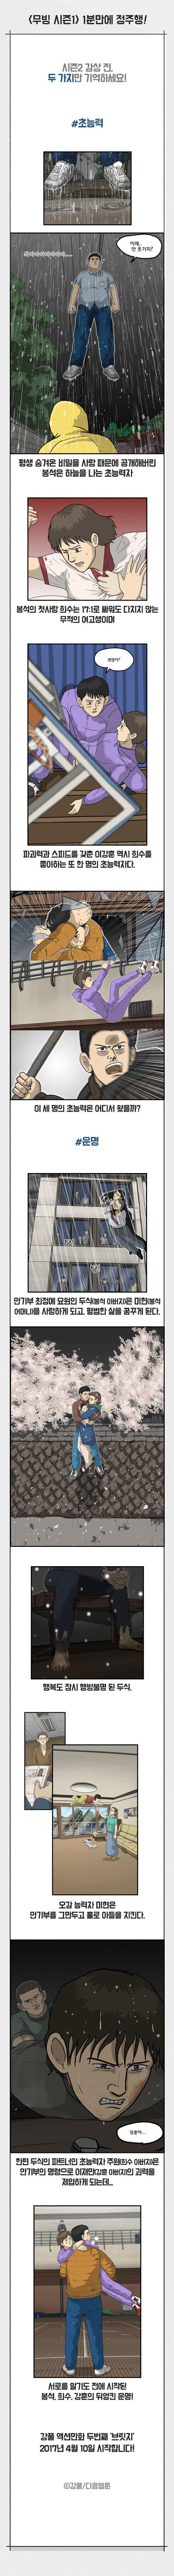 강풀 액션만화 두번째 '브릿지' 2017년 4월 10일 시작합니다! ©강풀/다음웹툰